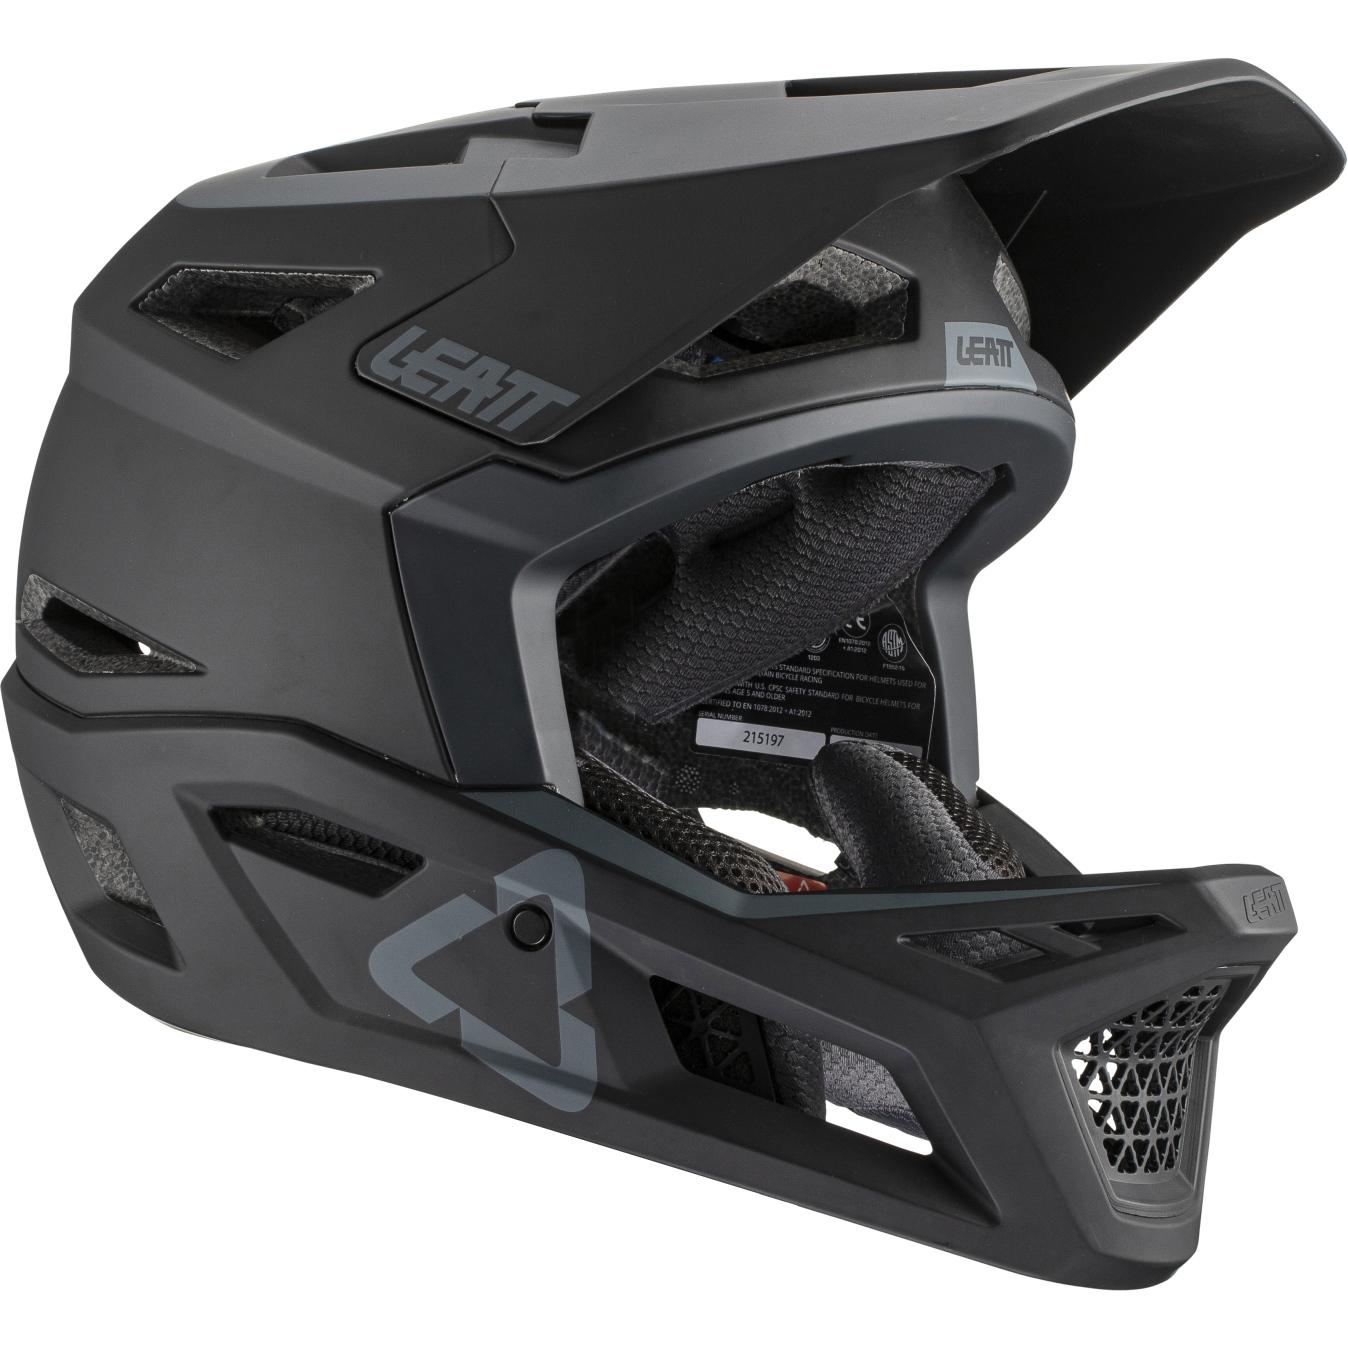 Leatt DBX 4.0 DH Full Face Helmet - black